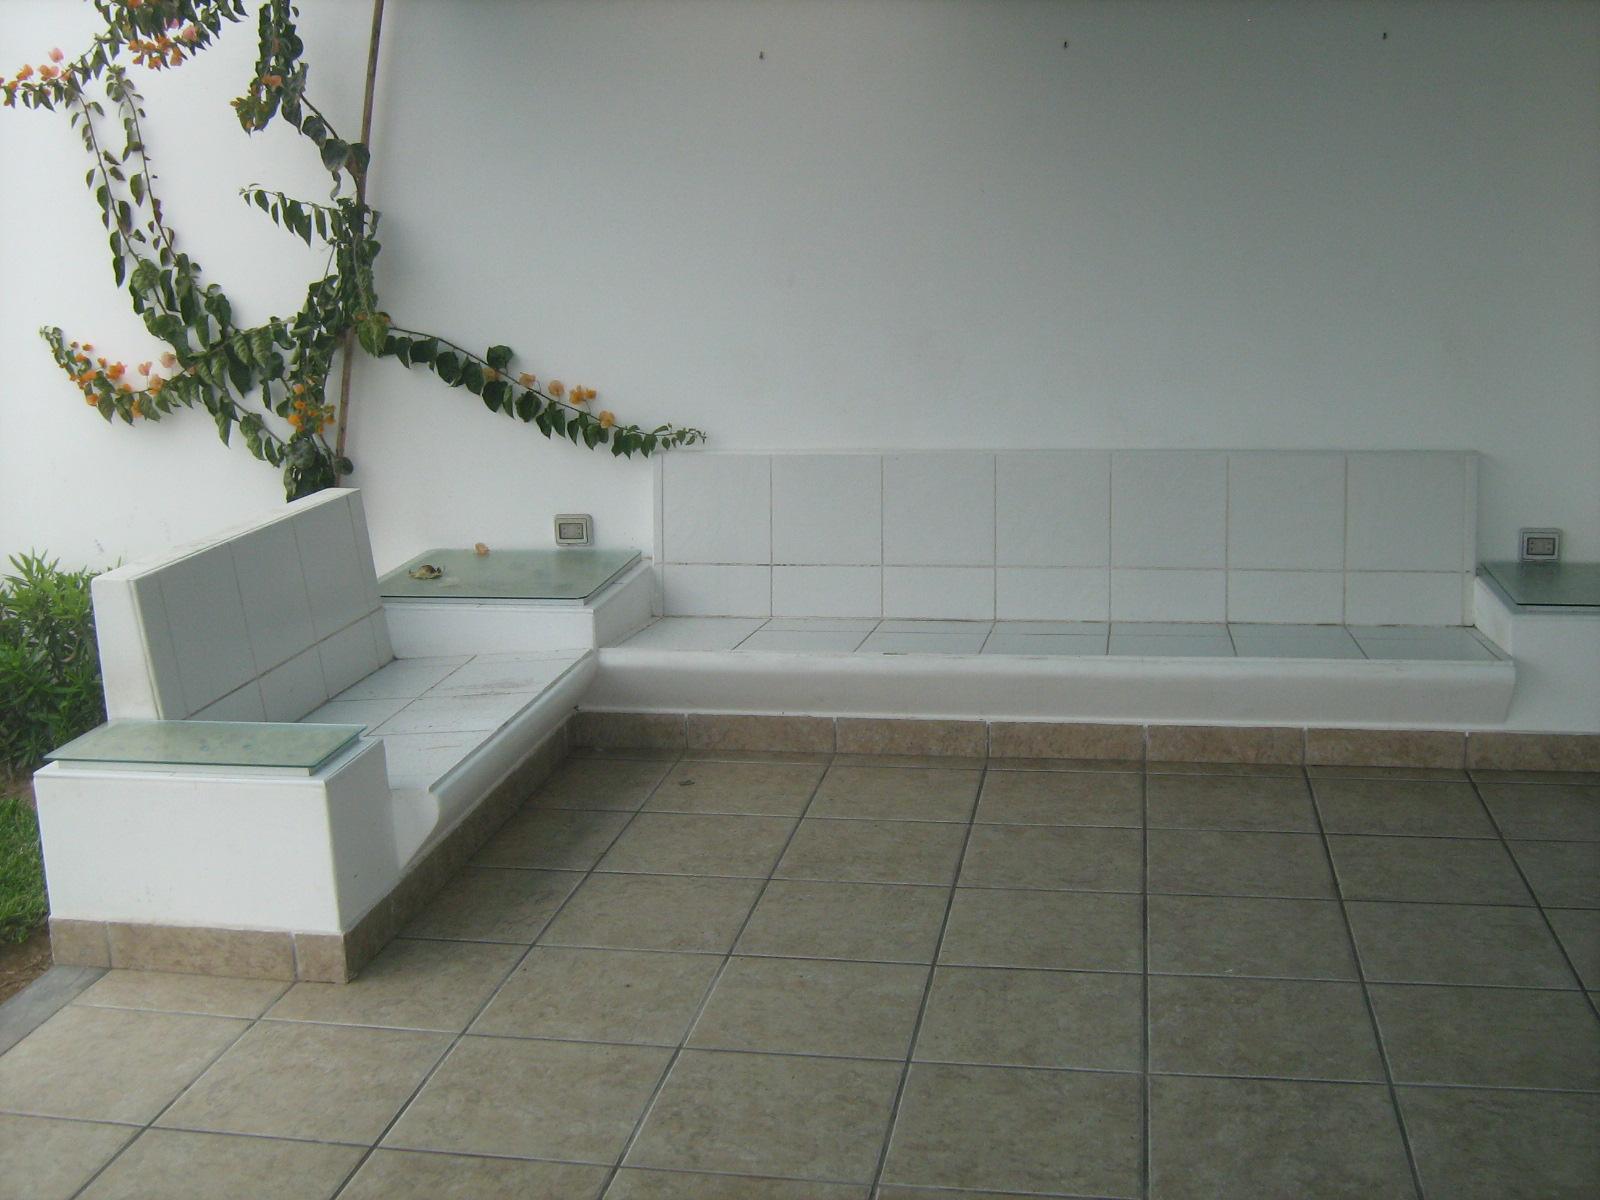 Muebles de concreto para tu casa - Muebles para apartamentos de playa ...